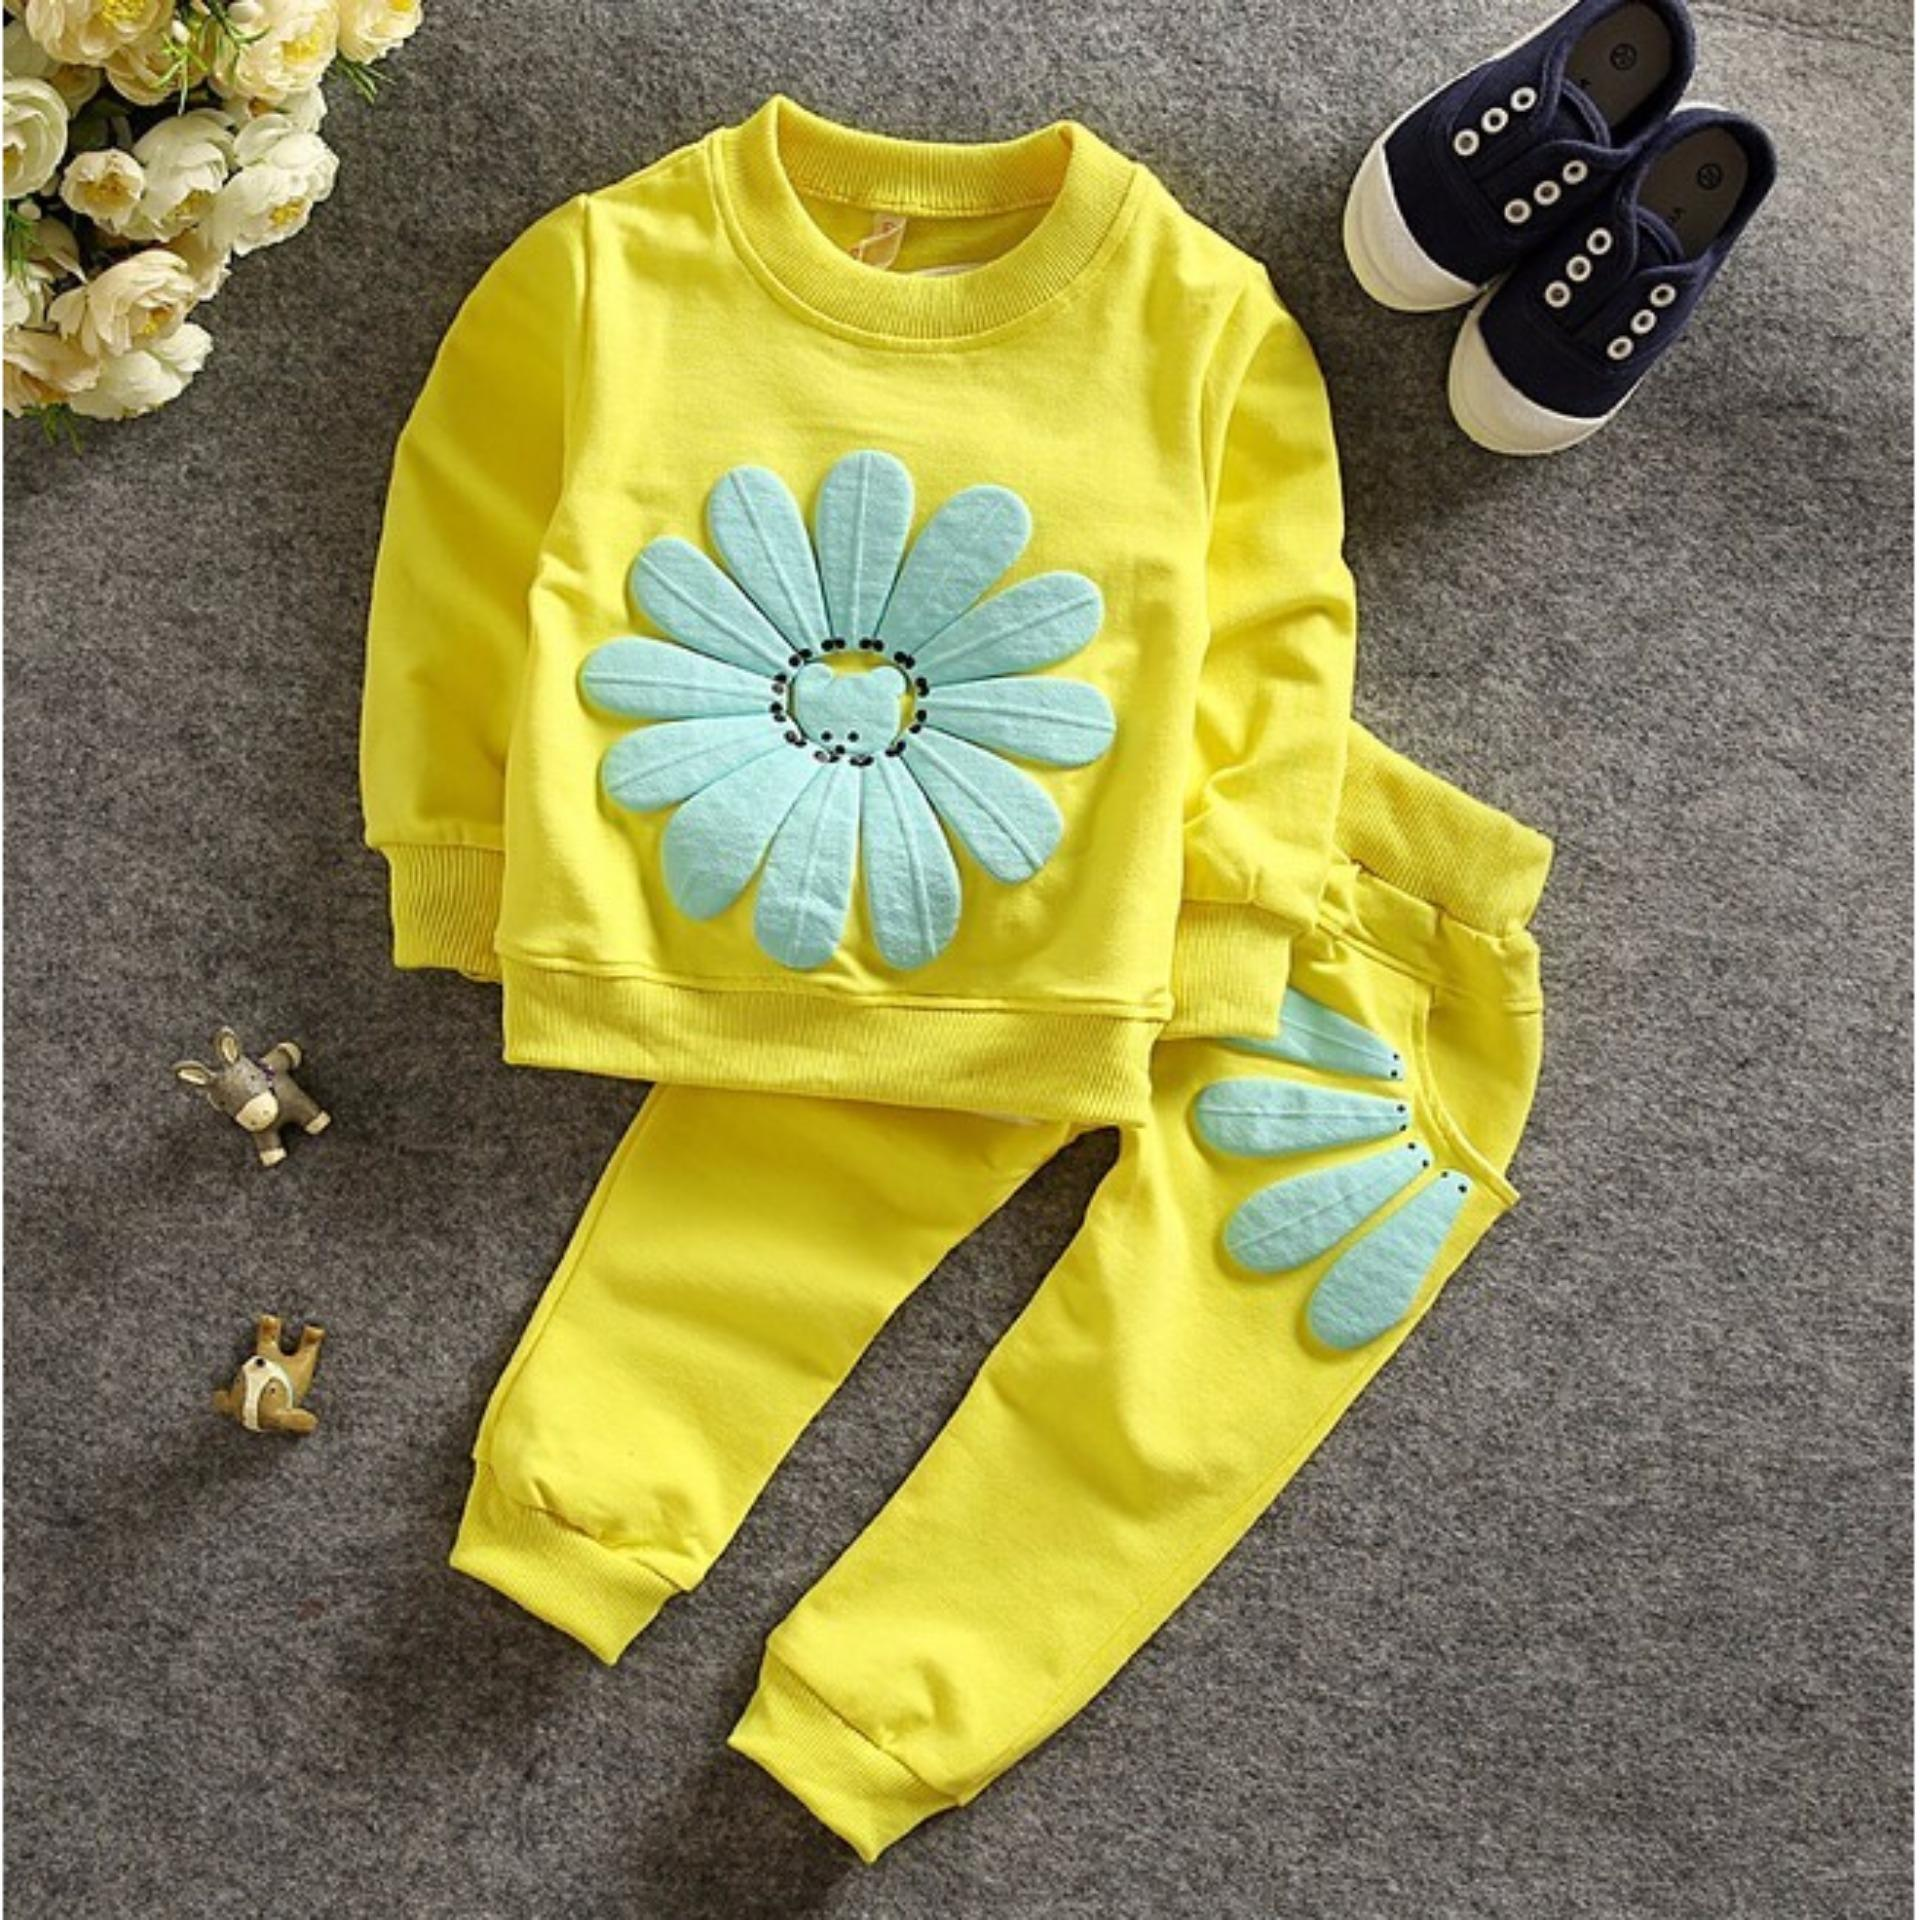 Bộ quần áo thu đông hình hoa cúc dễ thương cho bé từ 8-27kg